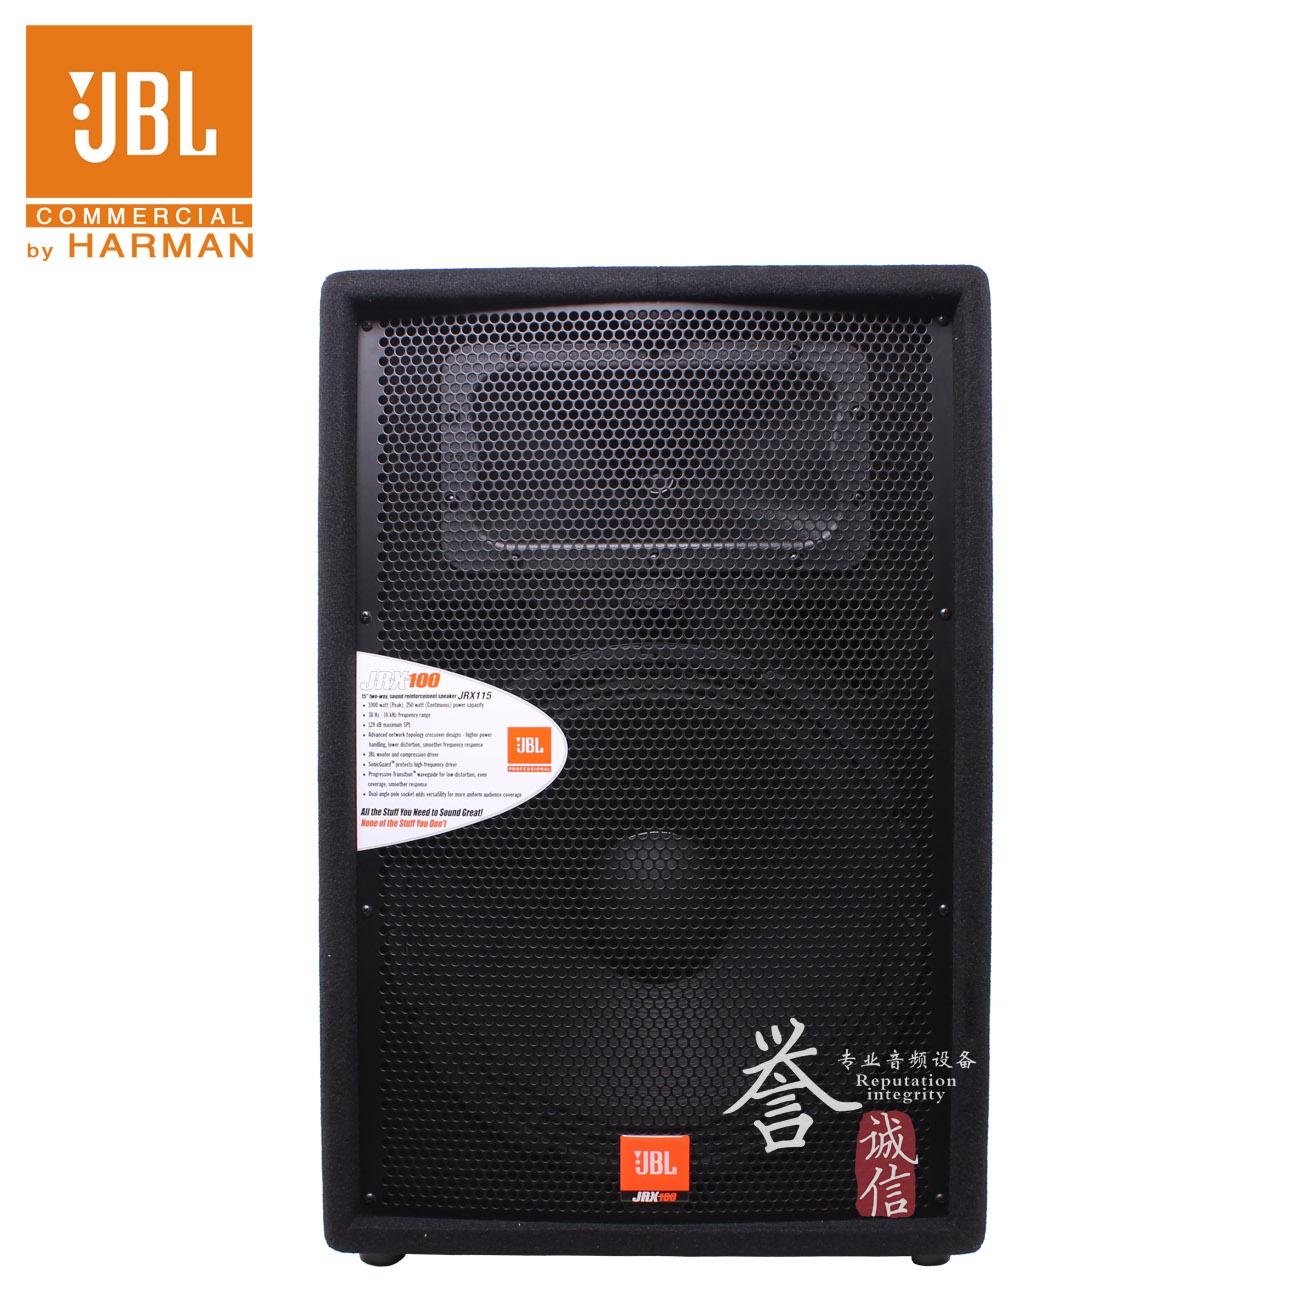 jbl15寸音箱